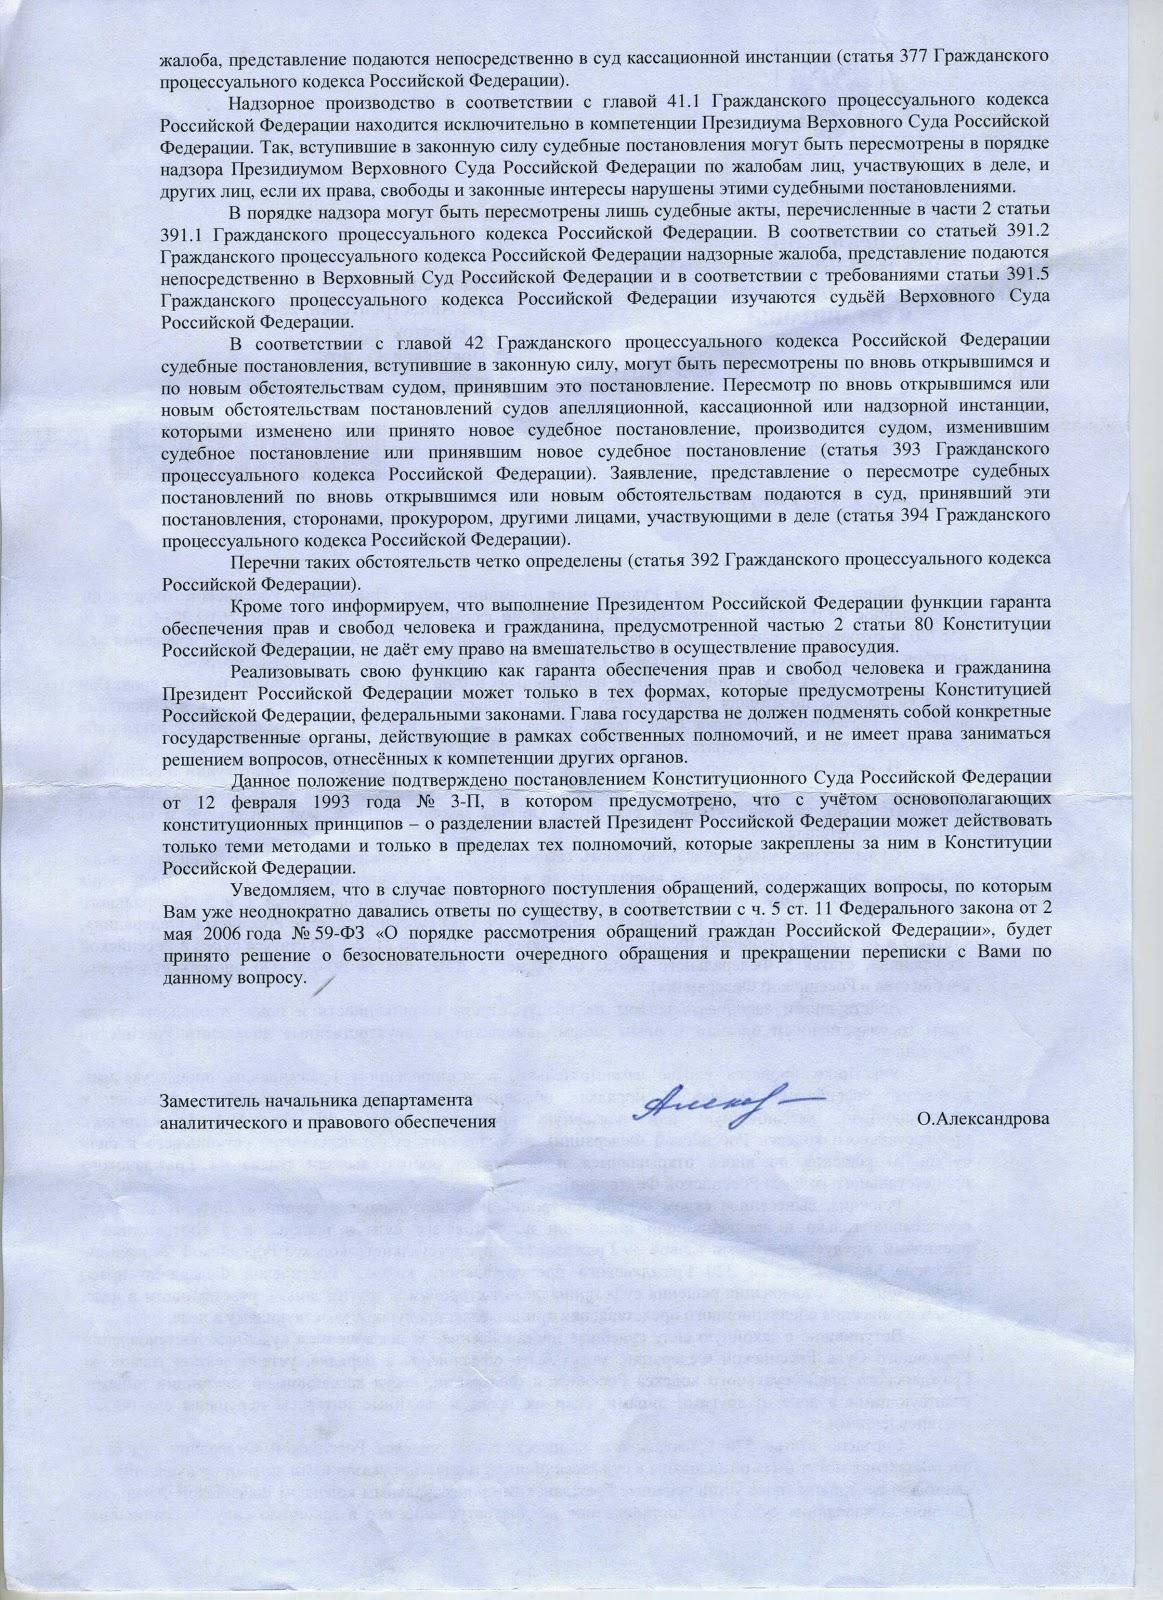 ОТВЕТЫ ФГУ ГЛАВГОСЭКСПЕРТИЗЫ РОССИИ НА ВОПРОСЫ